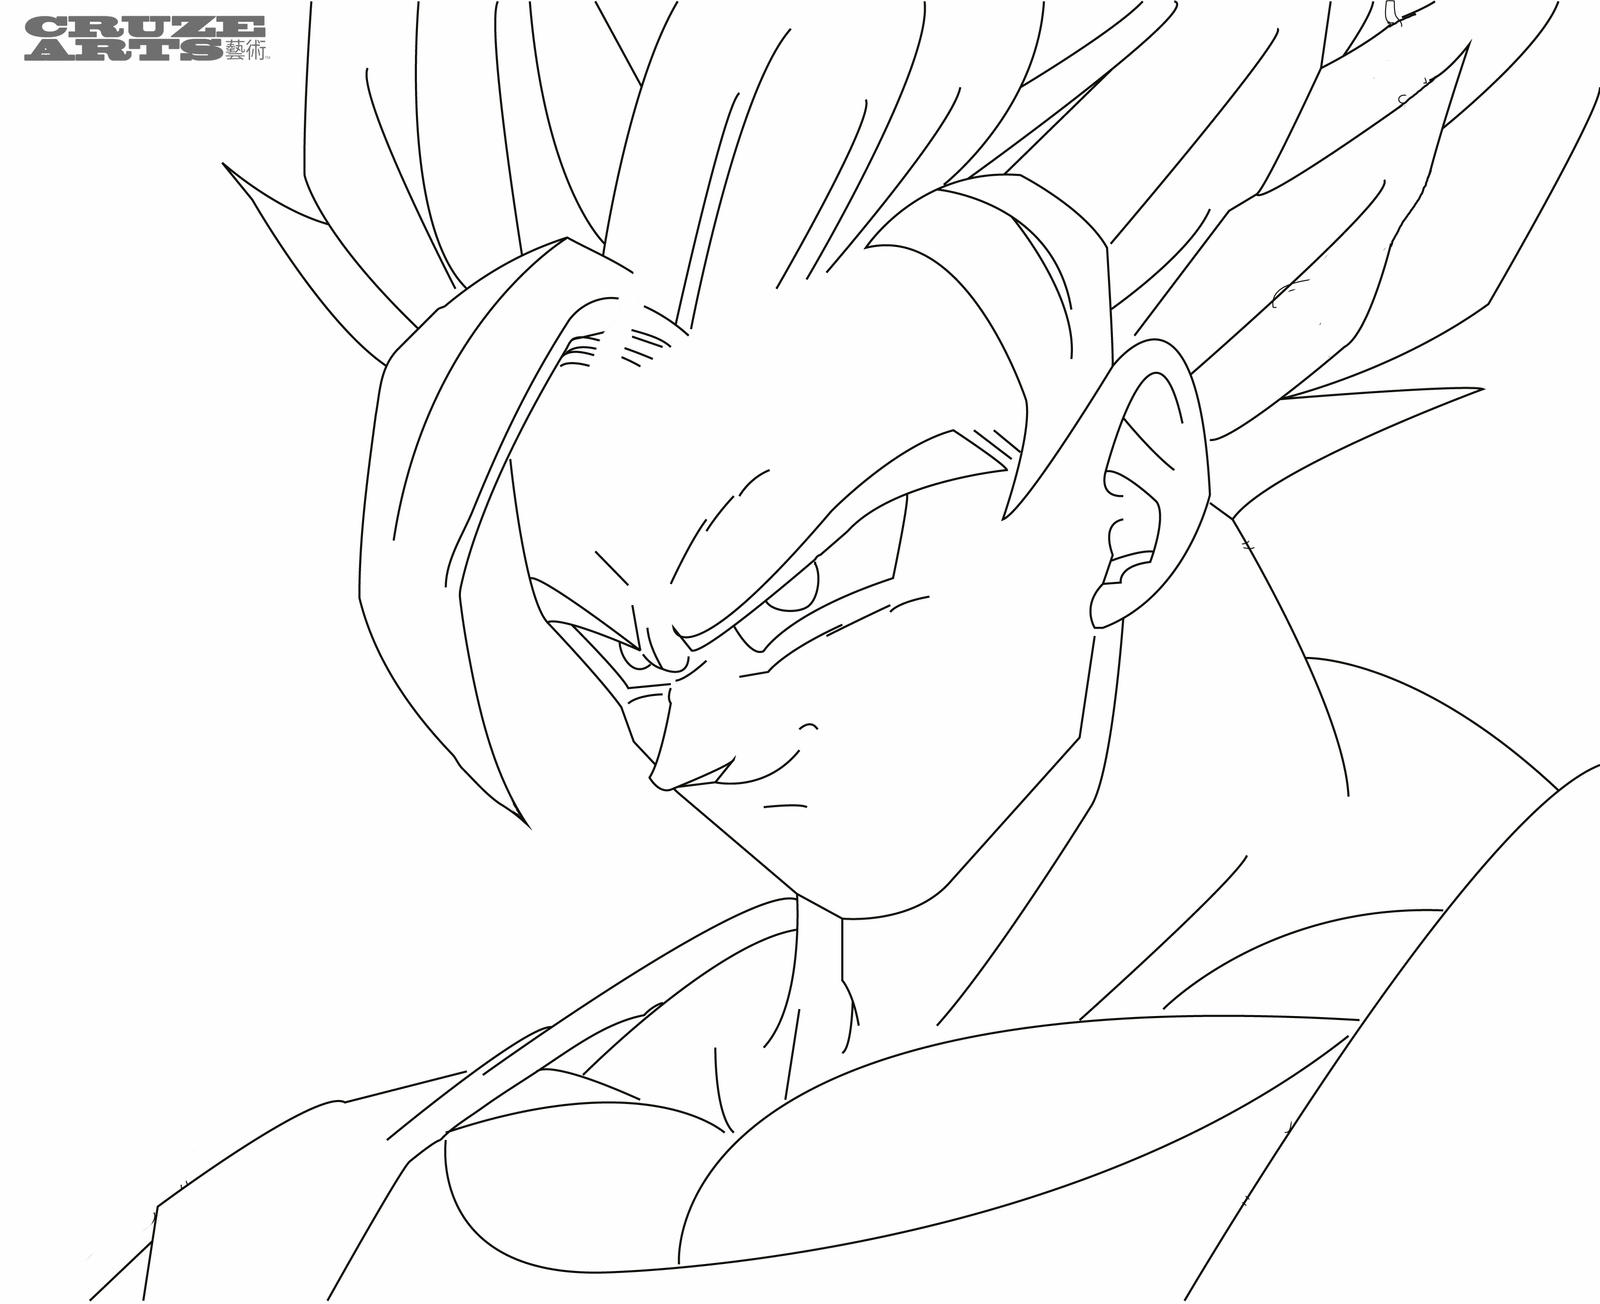 D Line Drawings Quest : Goku super saiyan line work by cruzemissile on deviantart